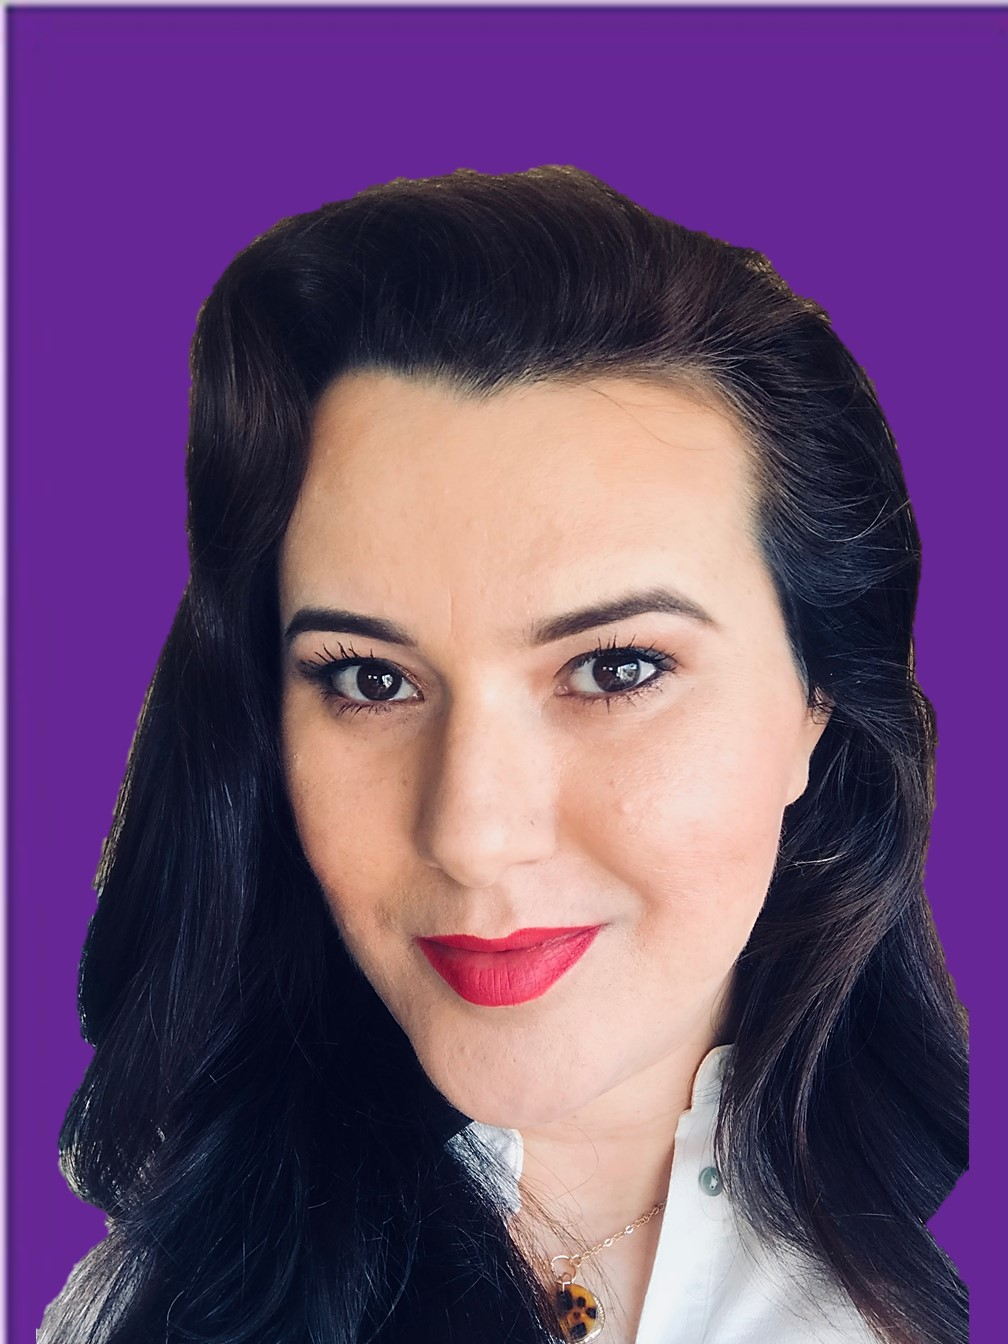 foto Carol fundo purple 2019 .jpg